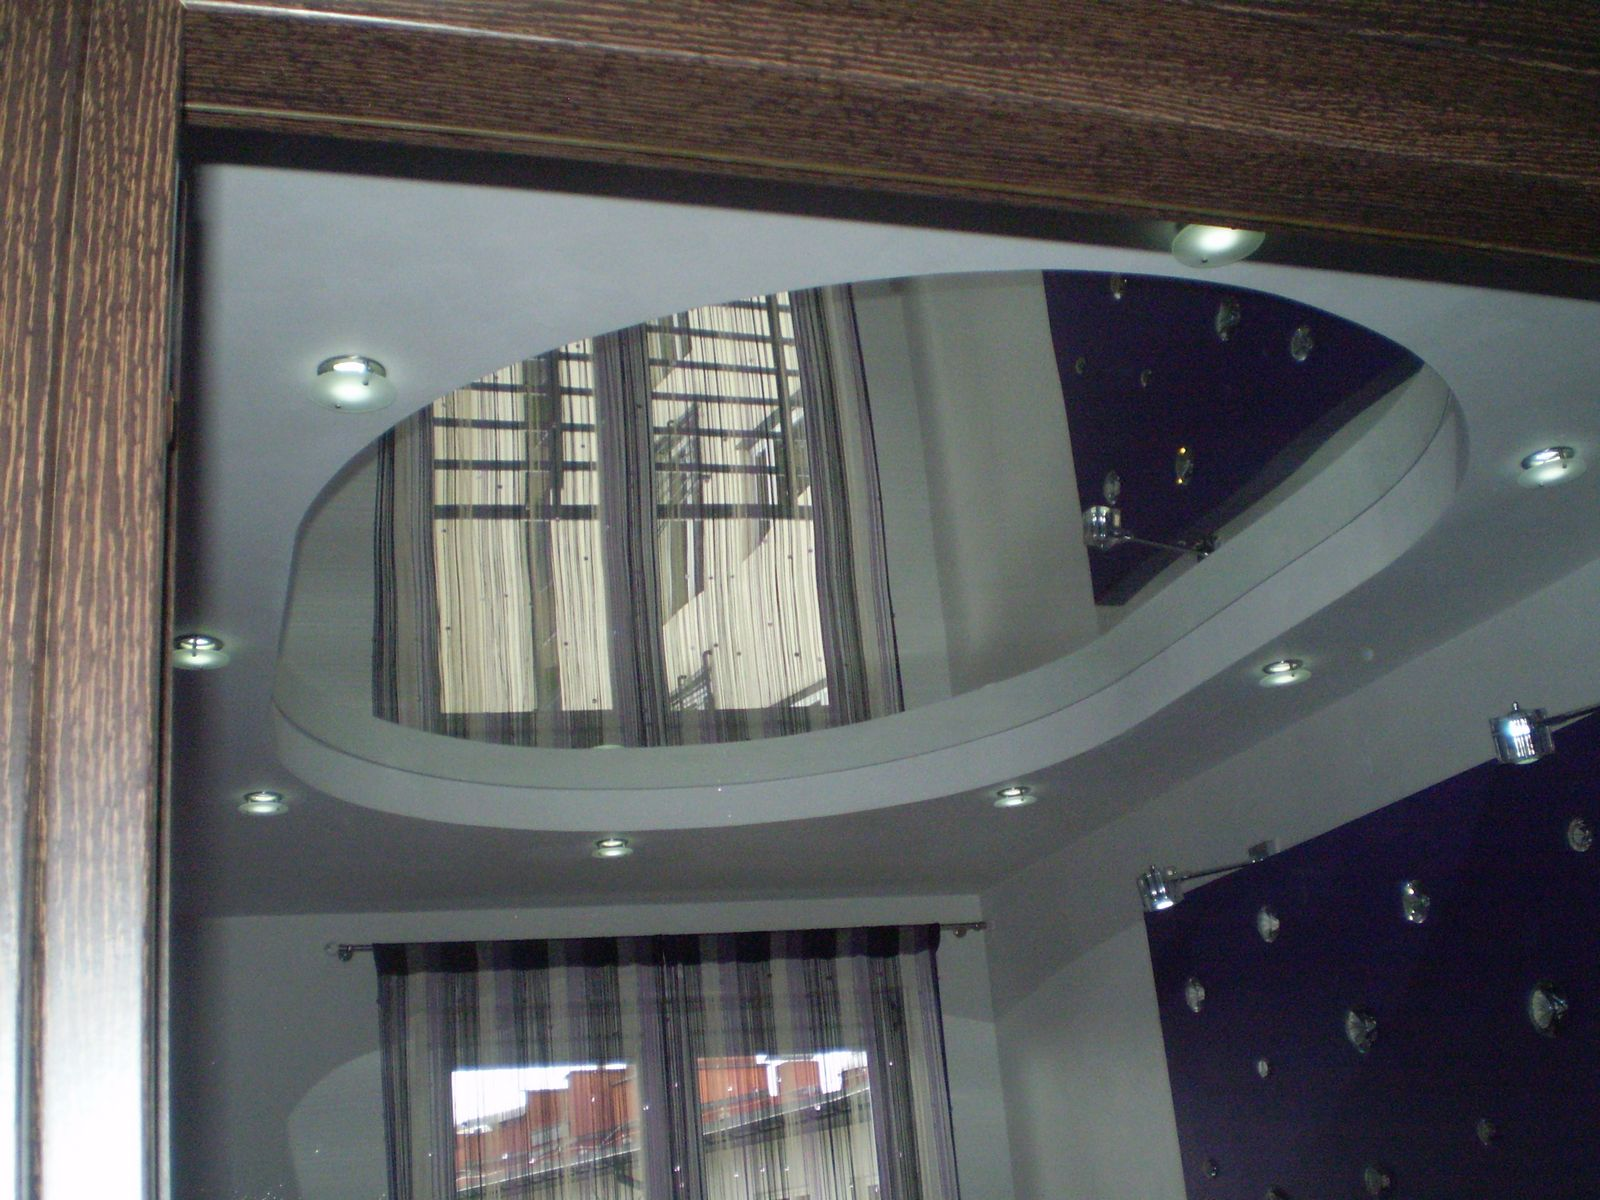 Натяжной потолок из полистирола прекрасно имитирует одно большое зеркало